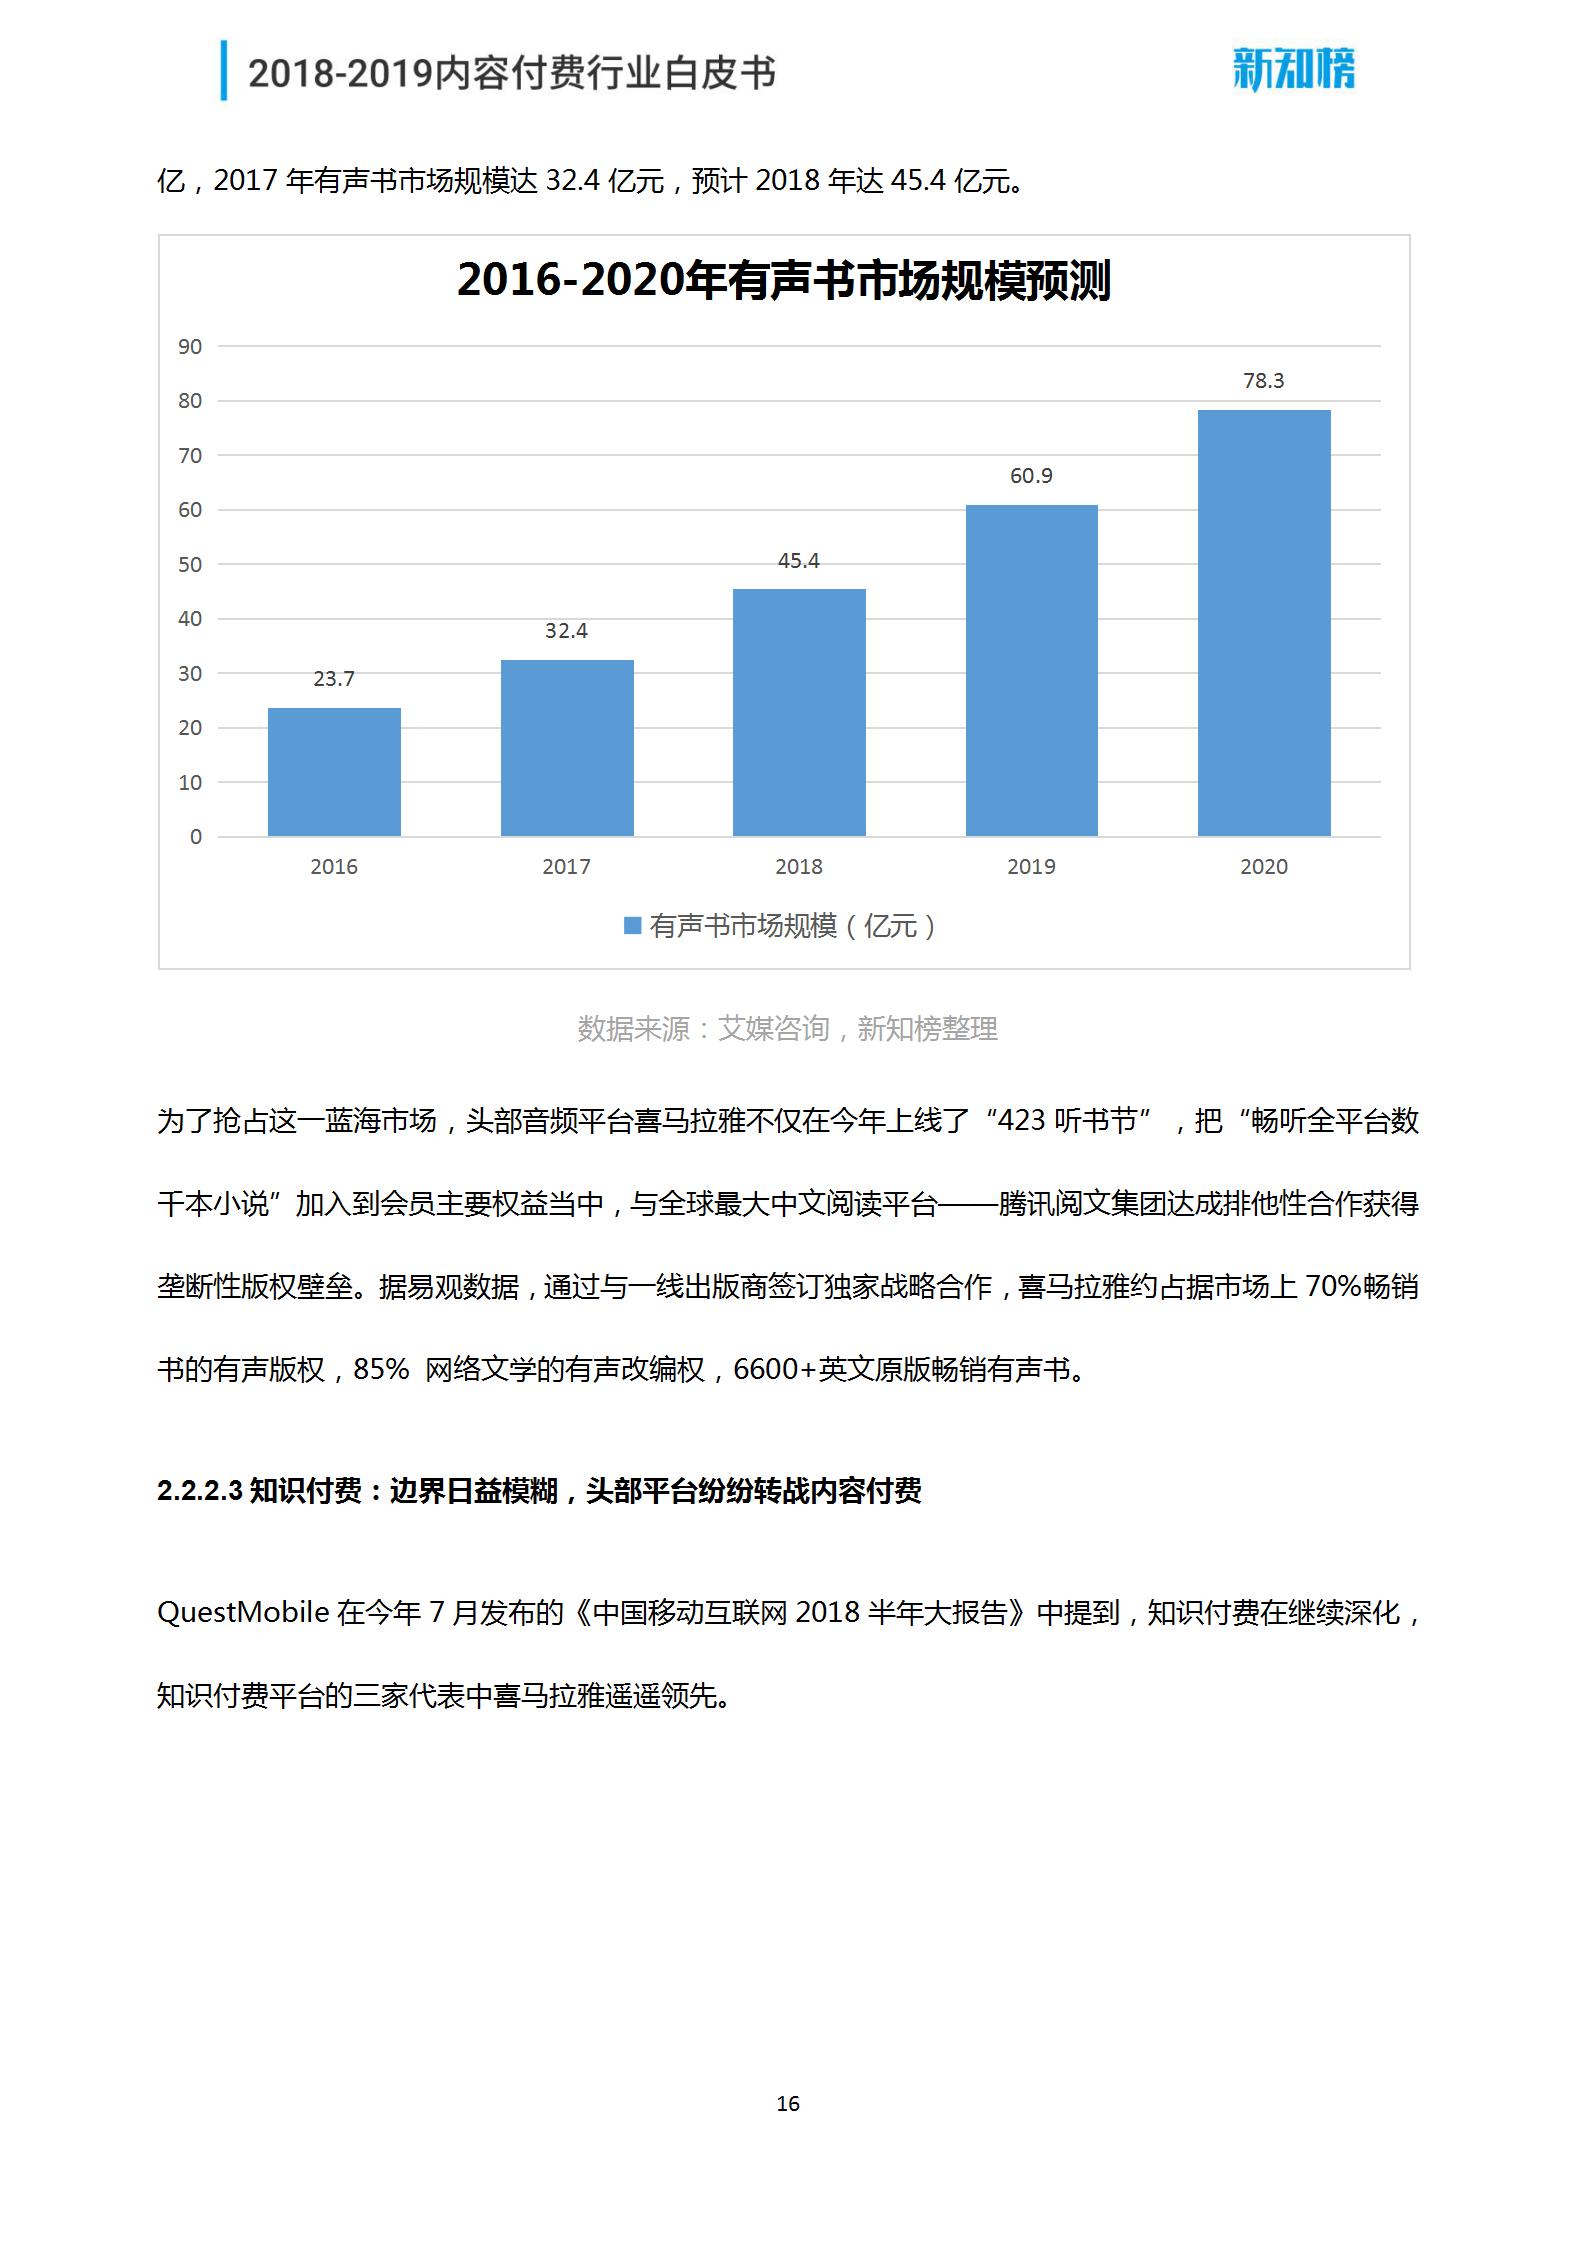 新知榜2018-2019内容付费行业白皮书_16.png